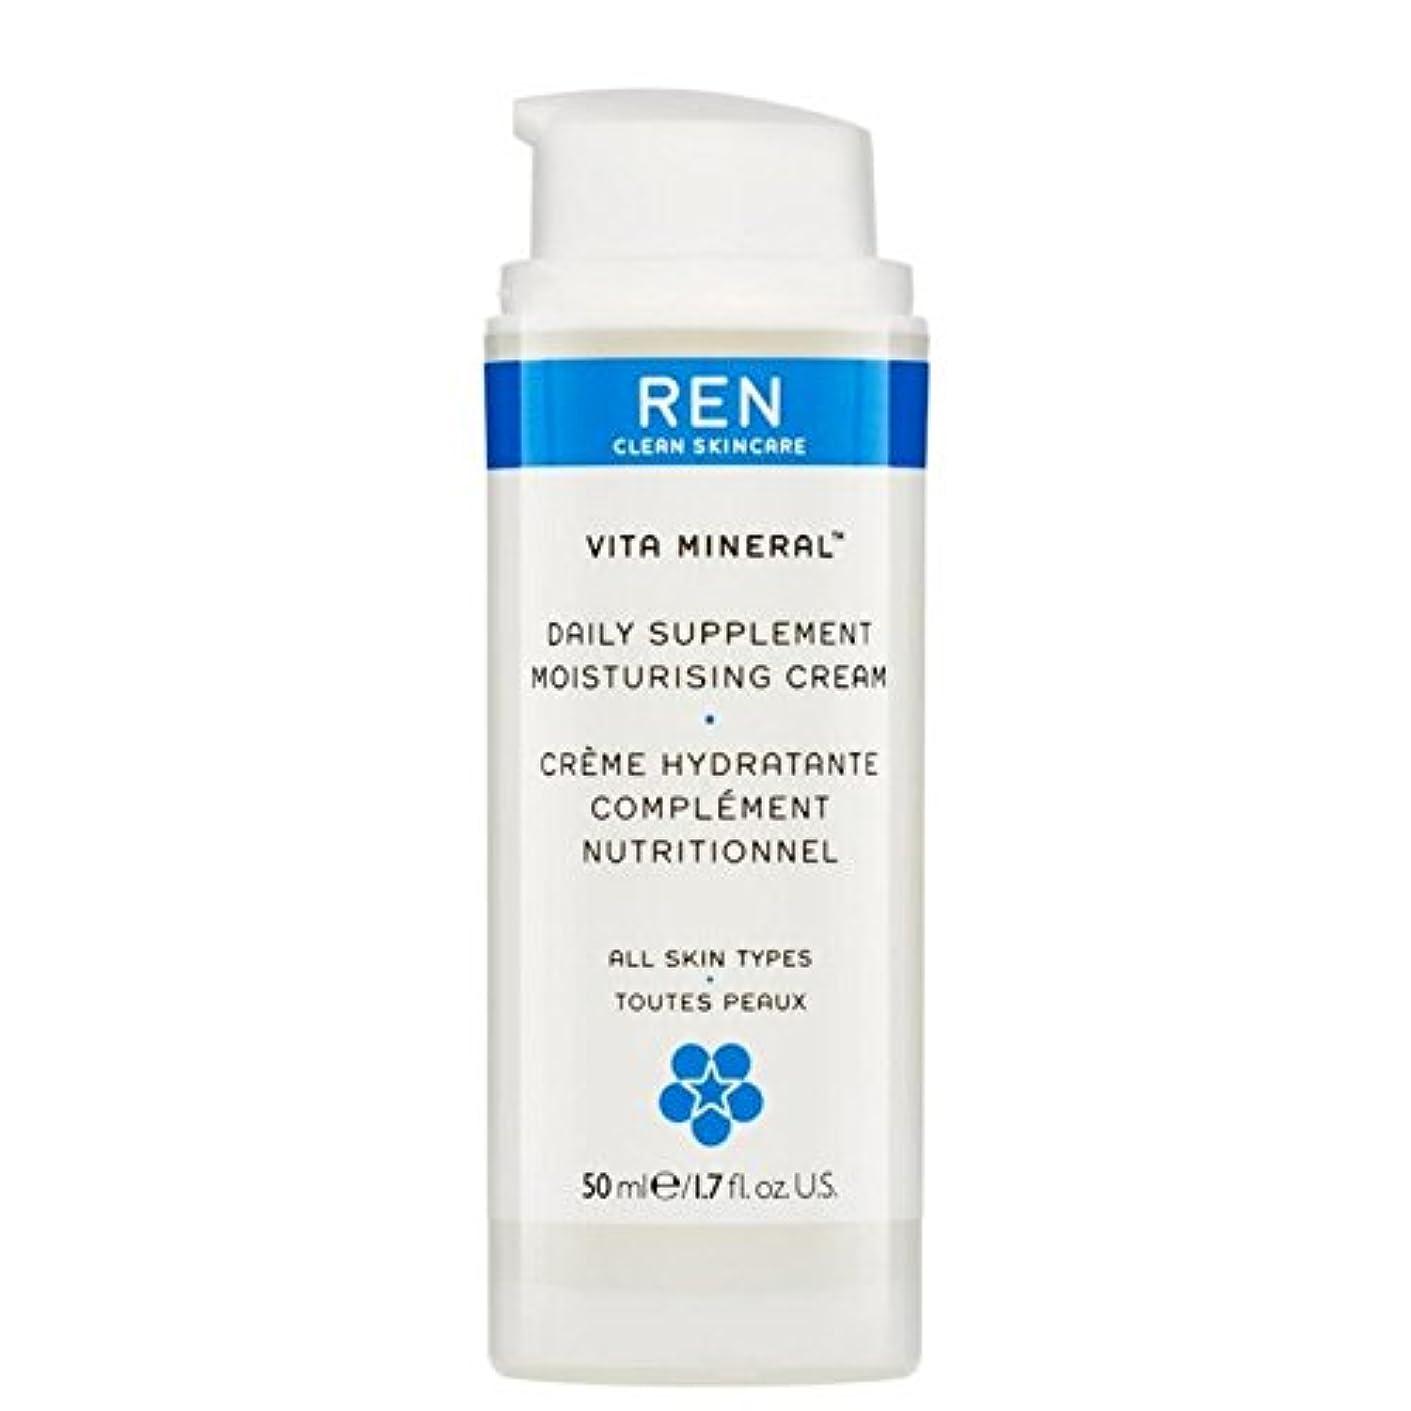 腹痛トリッキー論文ヴィータミネラル毎日サプリメント保湿クリーム x4 - REN Vita Mineral Daily Supplement Moisturising Cream (Pack of 4) [並行輸入品]